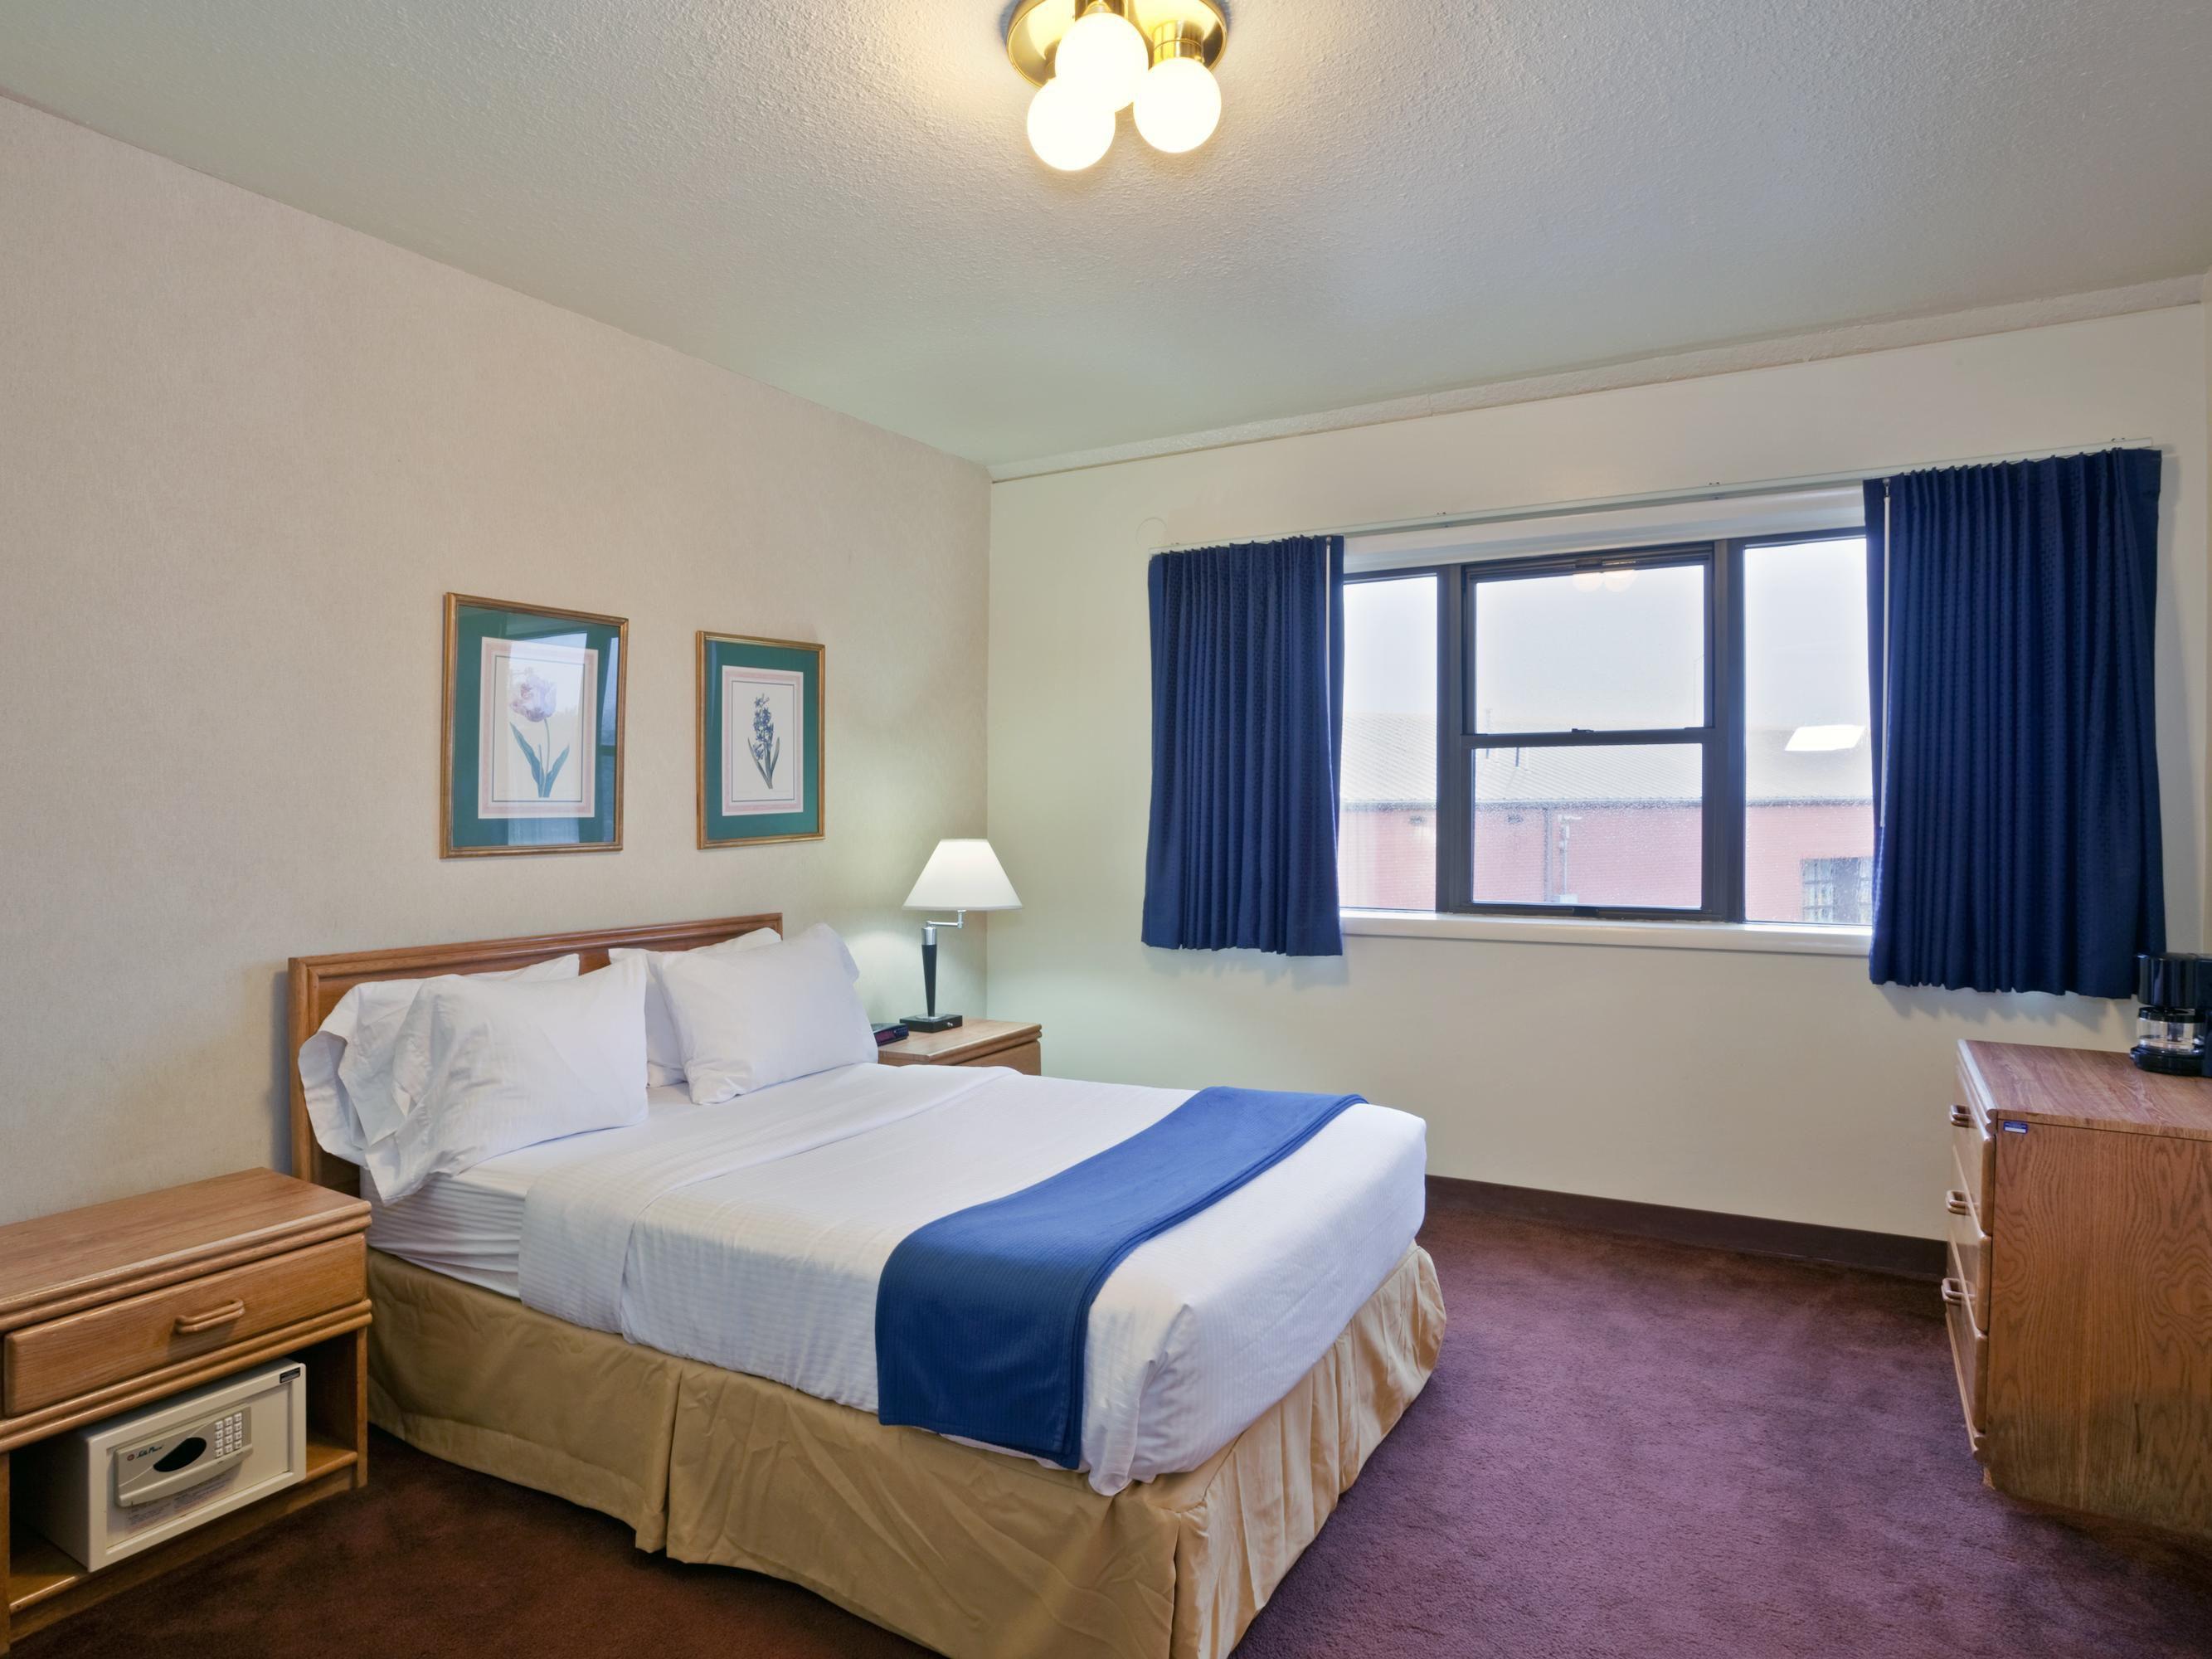 IHG Army Hotels Will Hall At Ft. Riley At Ft. Riley, Kansas